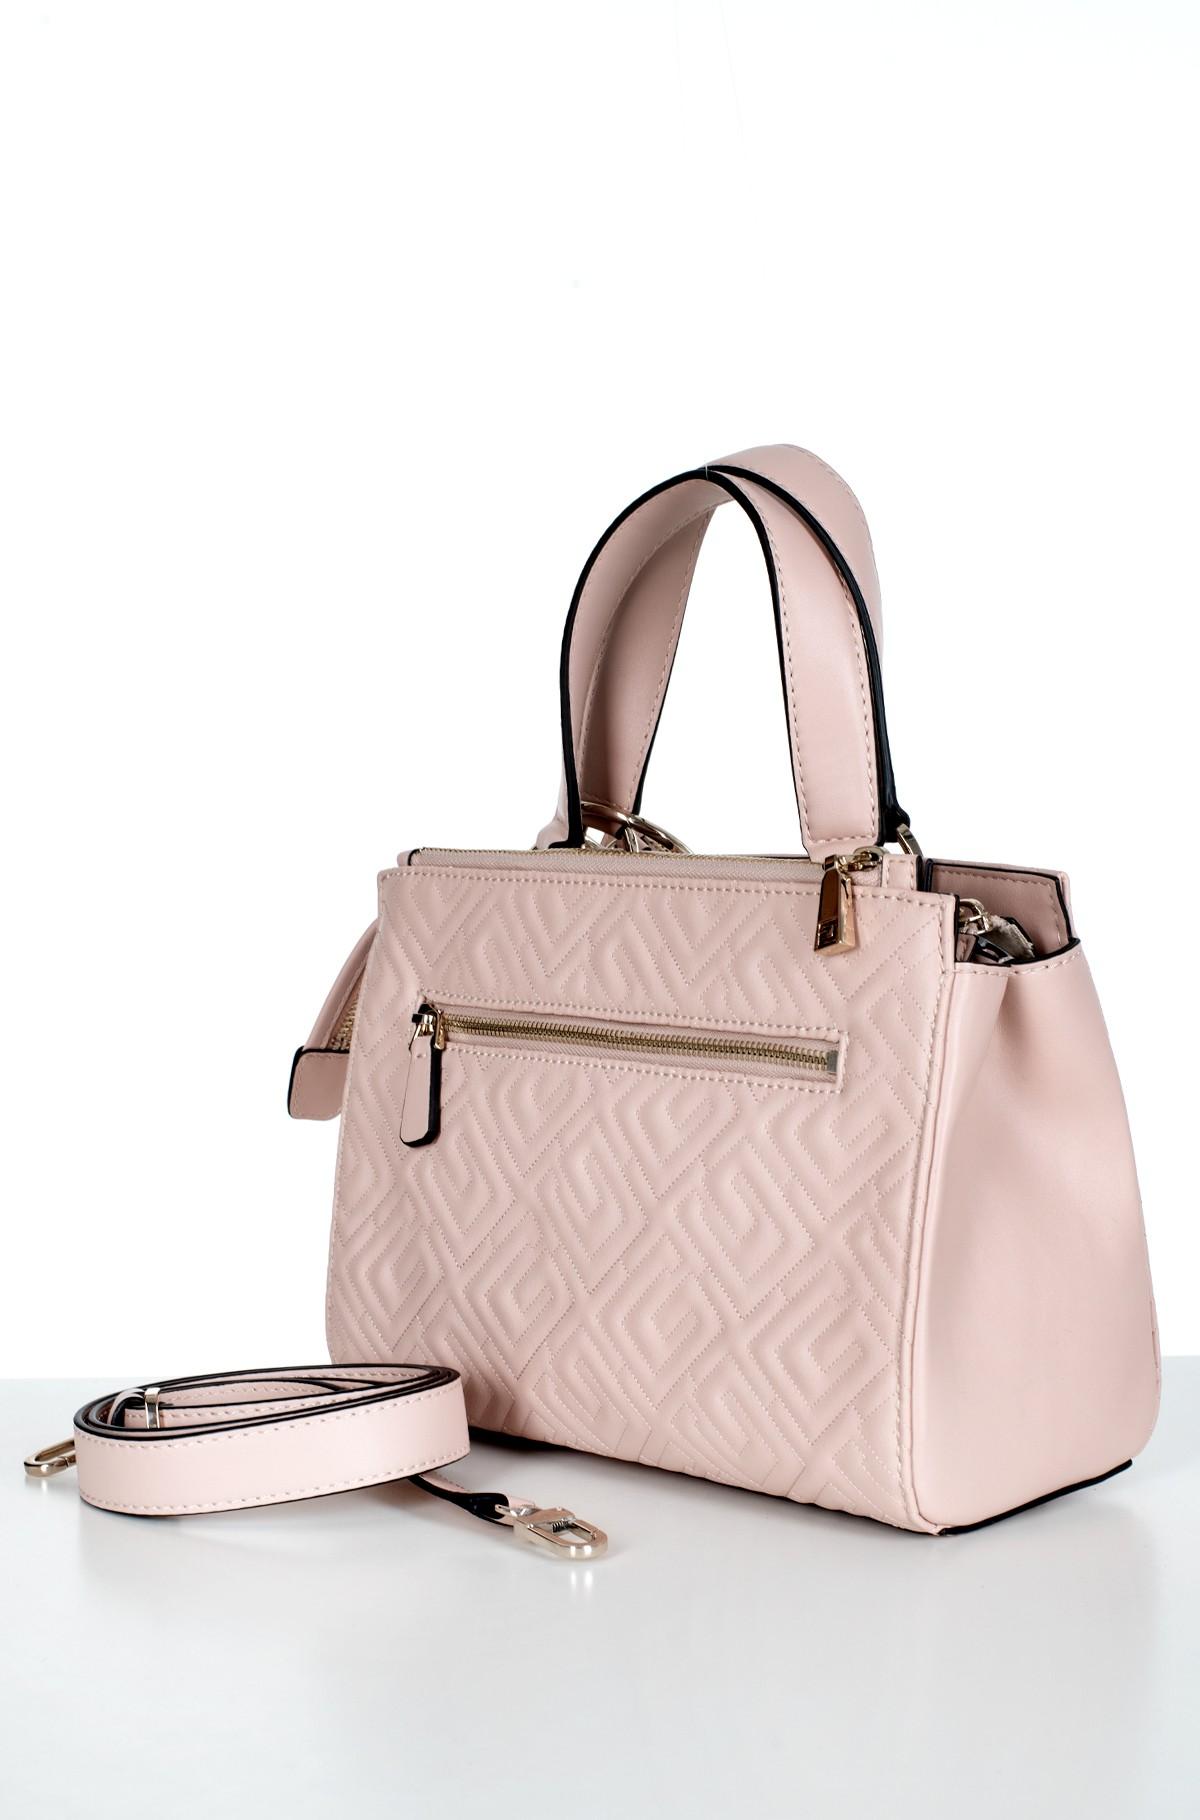 Shoulder bag HWQG77 38050-full-3